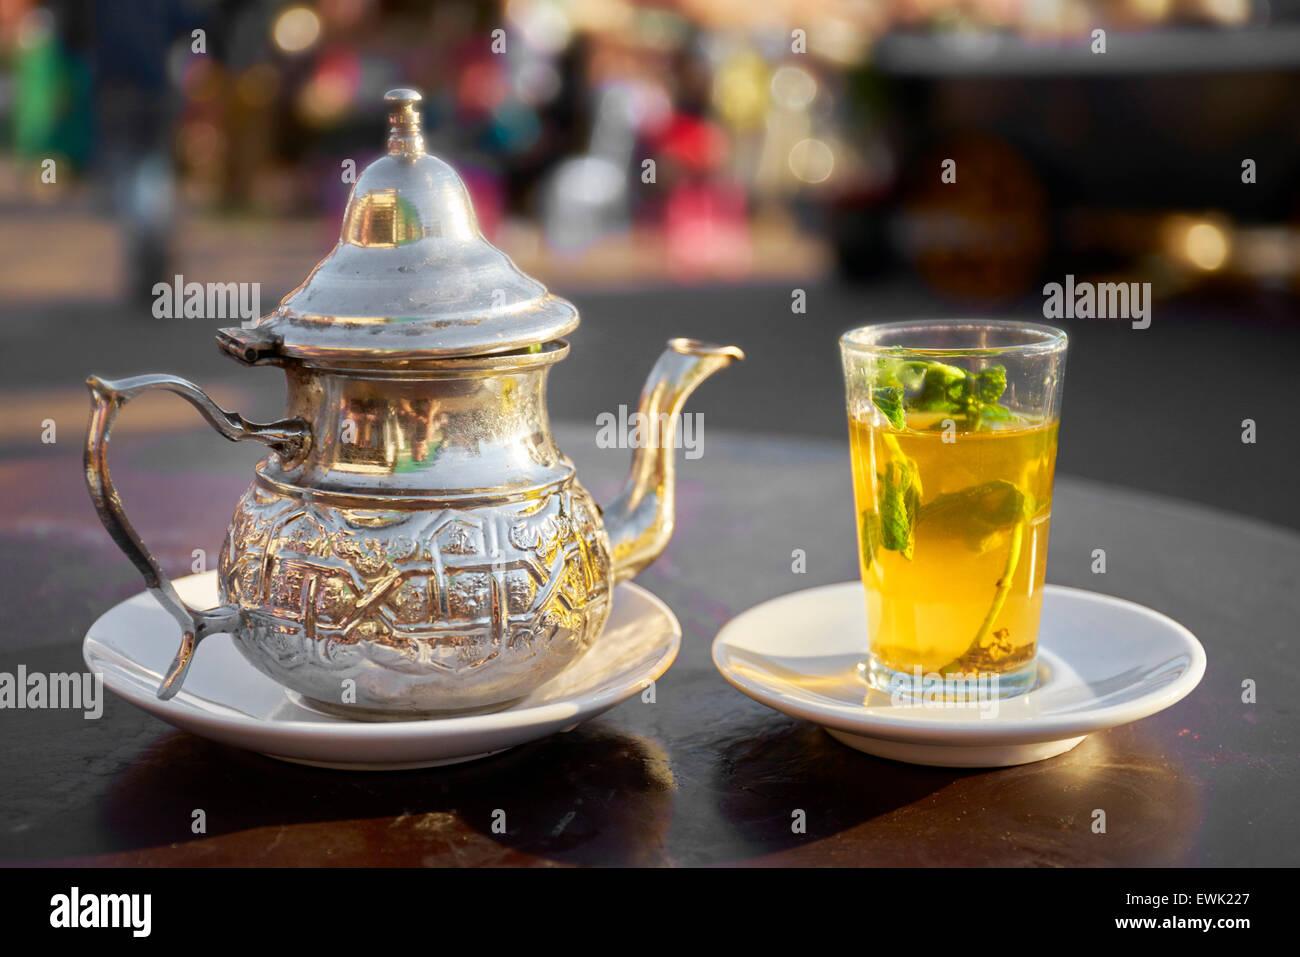 Moroccan Tea Served In Djemaa El Fna Square Marrakesh